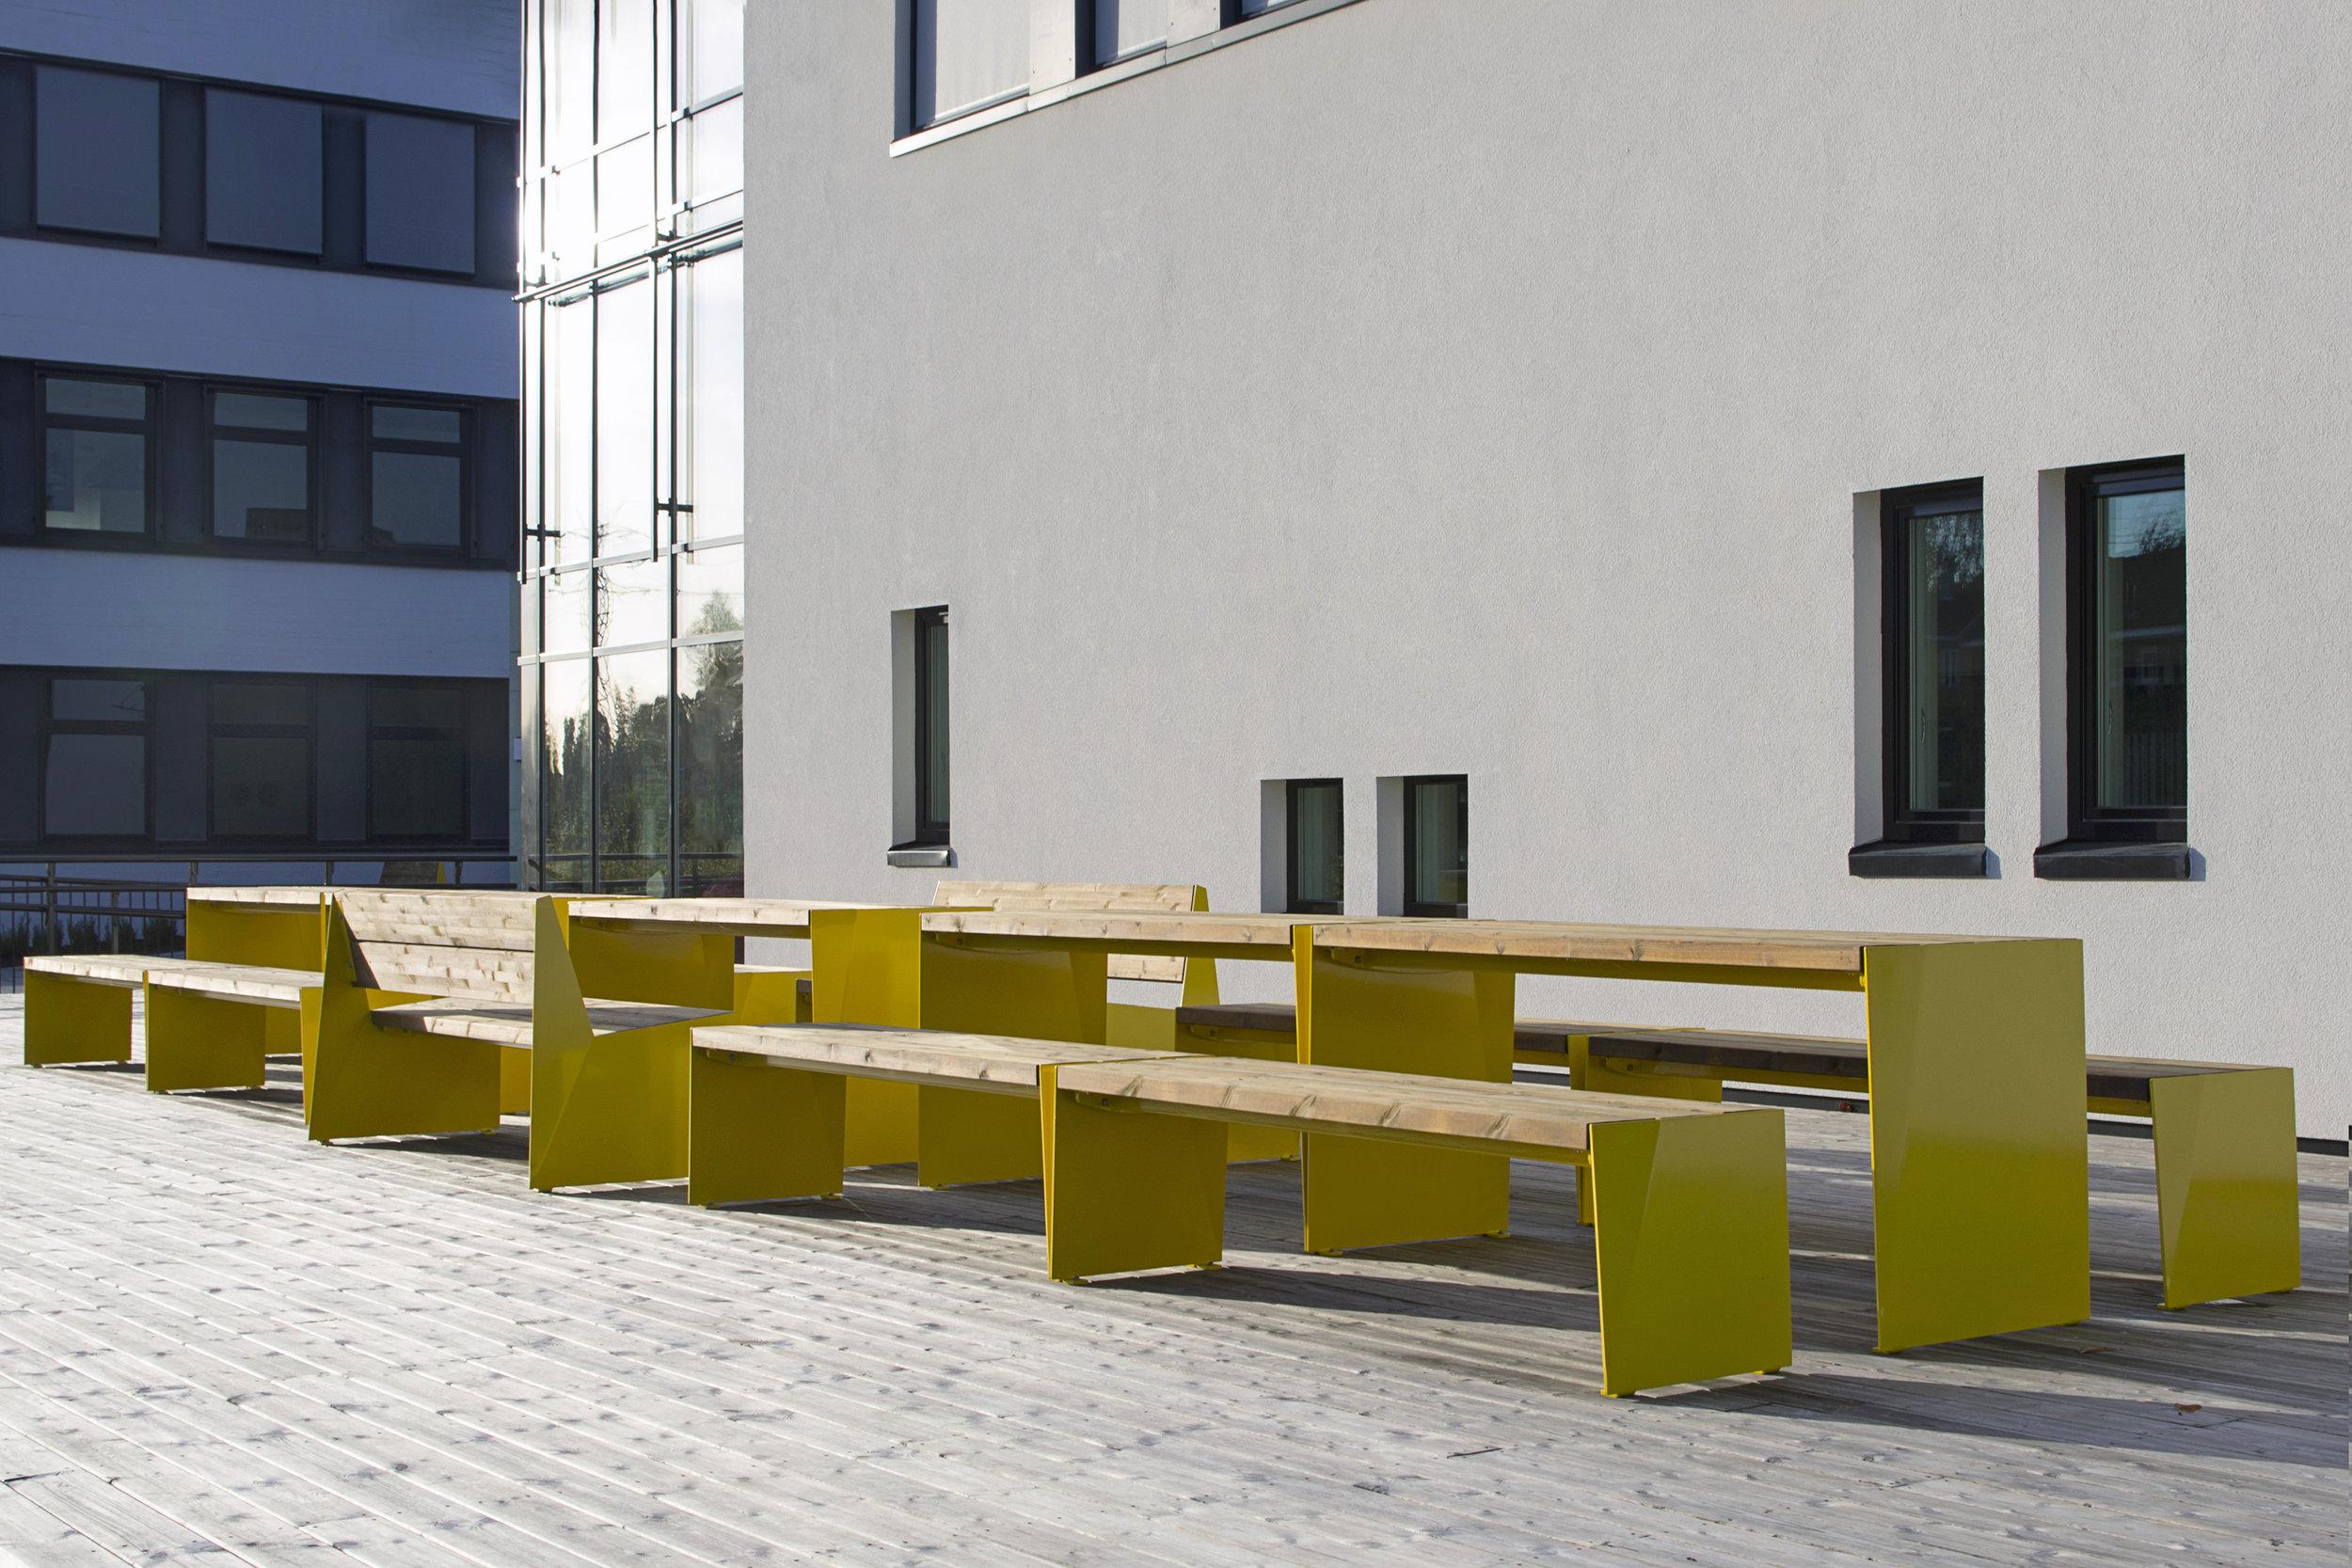 Ramstad skole_Fasade 02.jpg